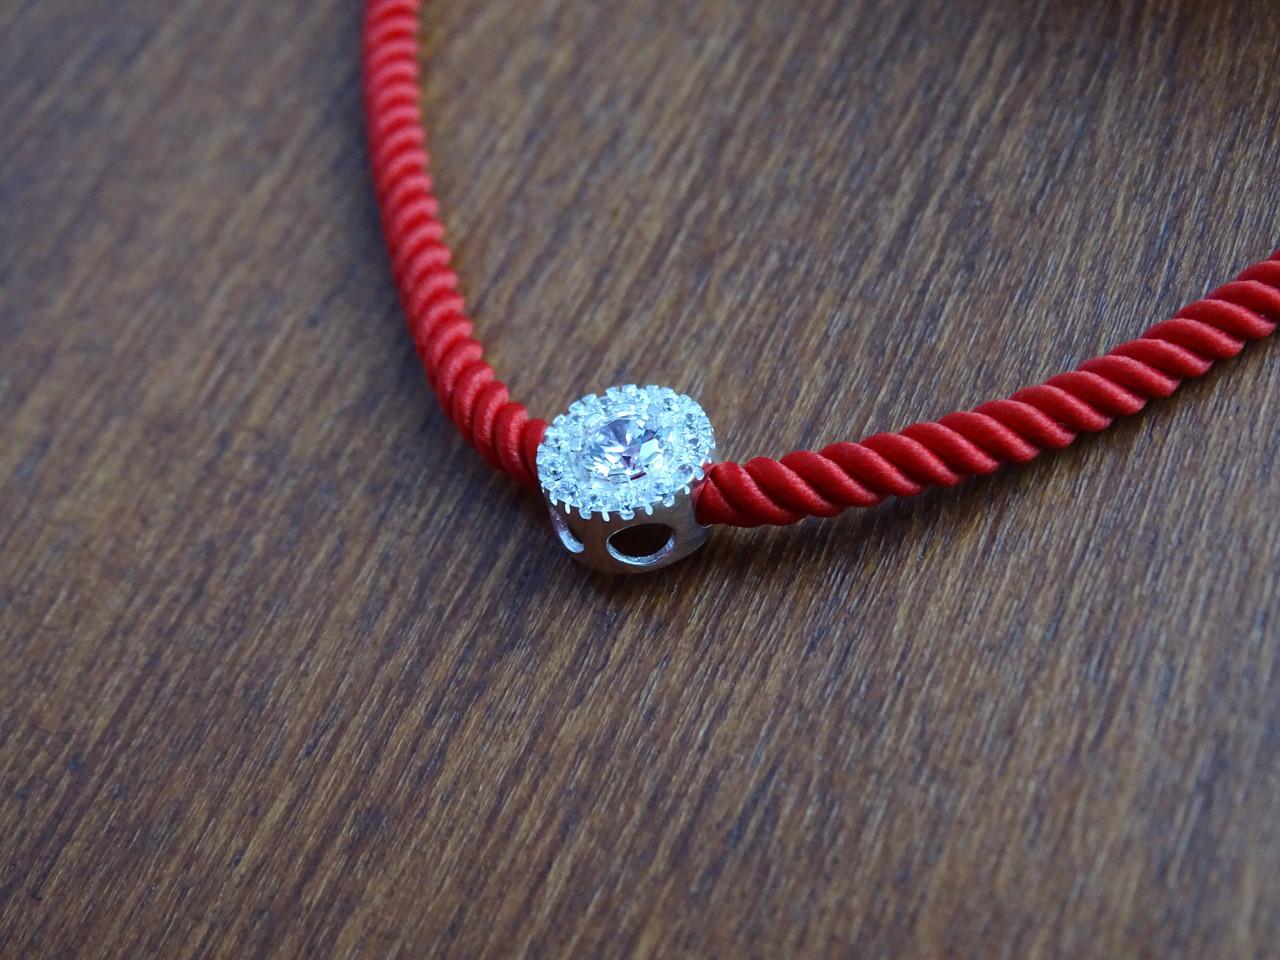 Серебряный браслет на красном шнурке